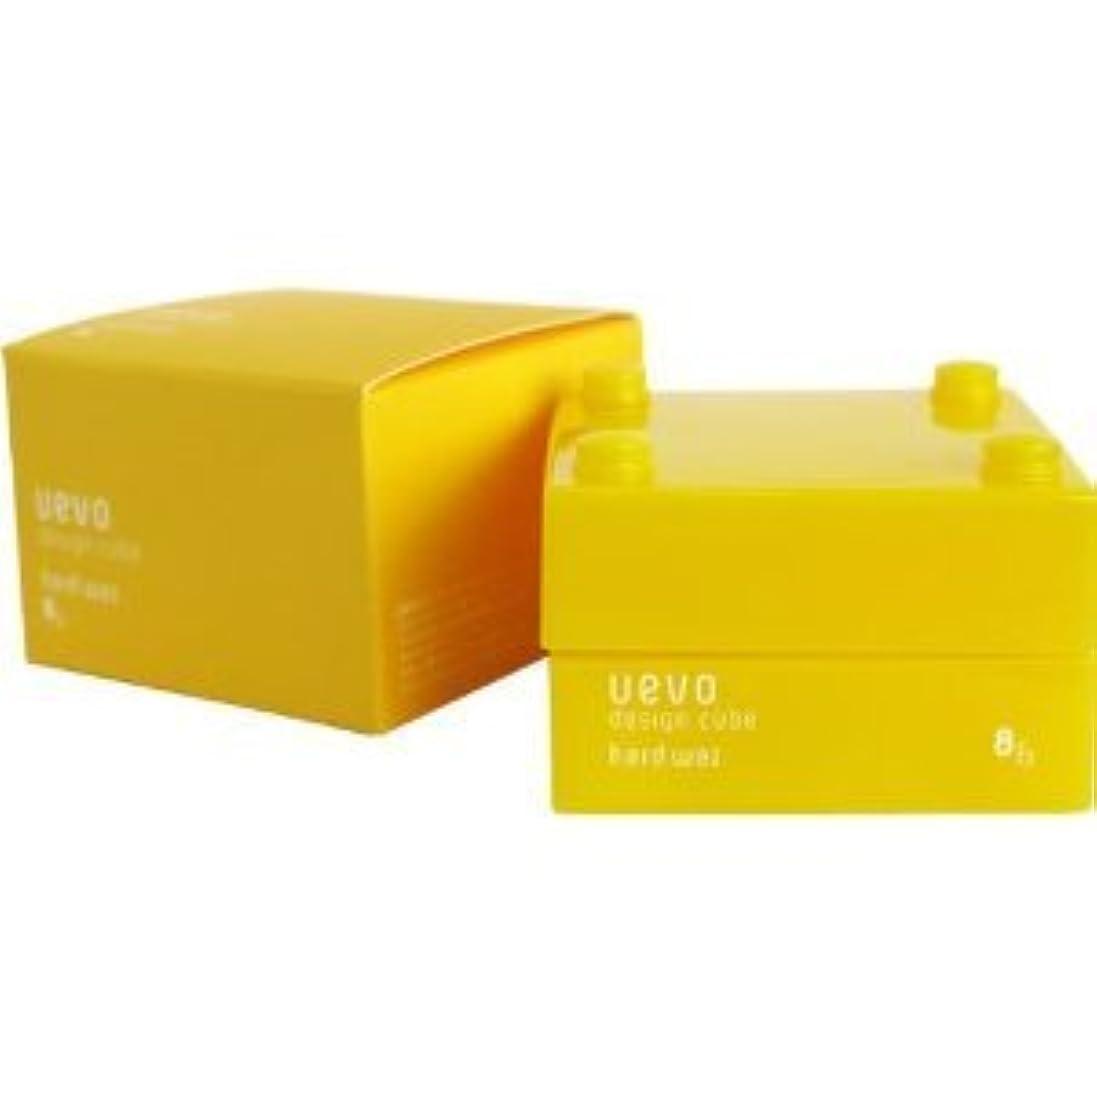 メンテナンススキニーサーキットに行く【X2個セット】 デミ ウェーボ デザインキューブ ハードワックス 30g hard wax DEMI uevo design cube